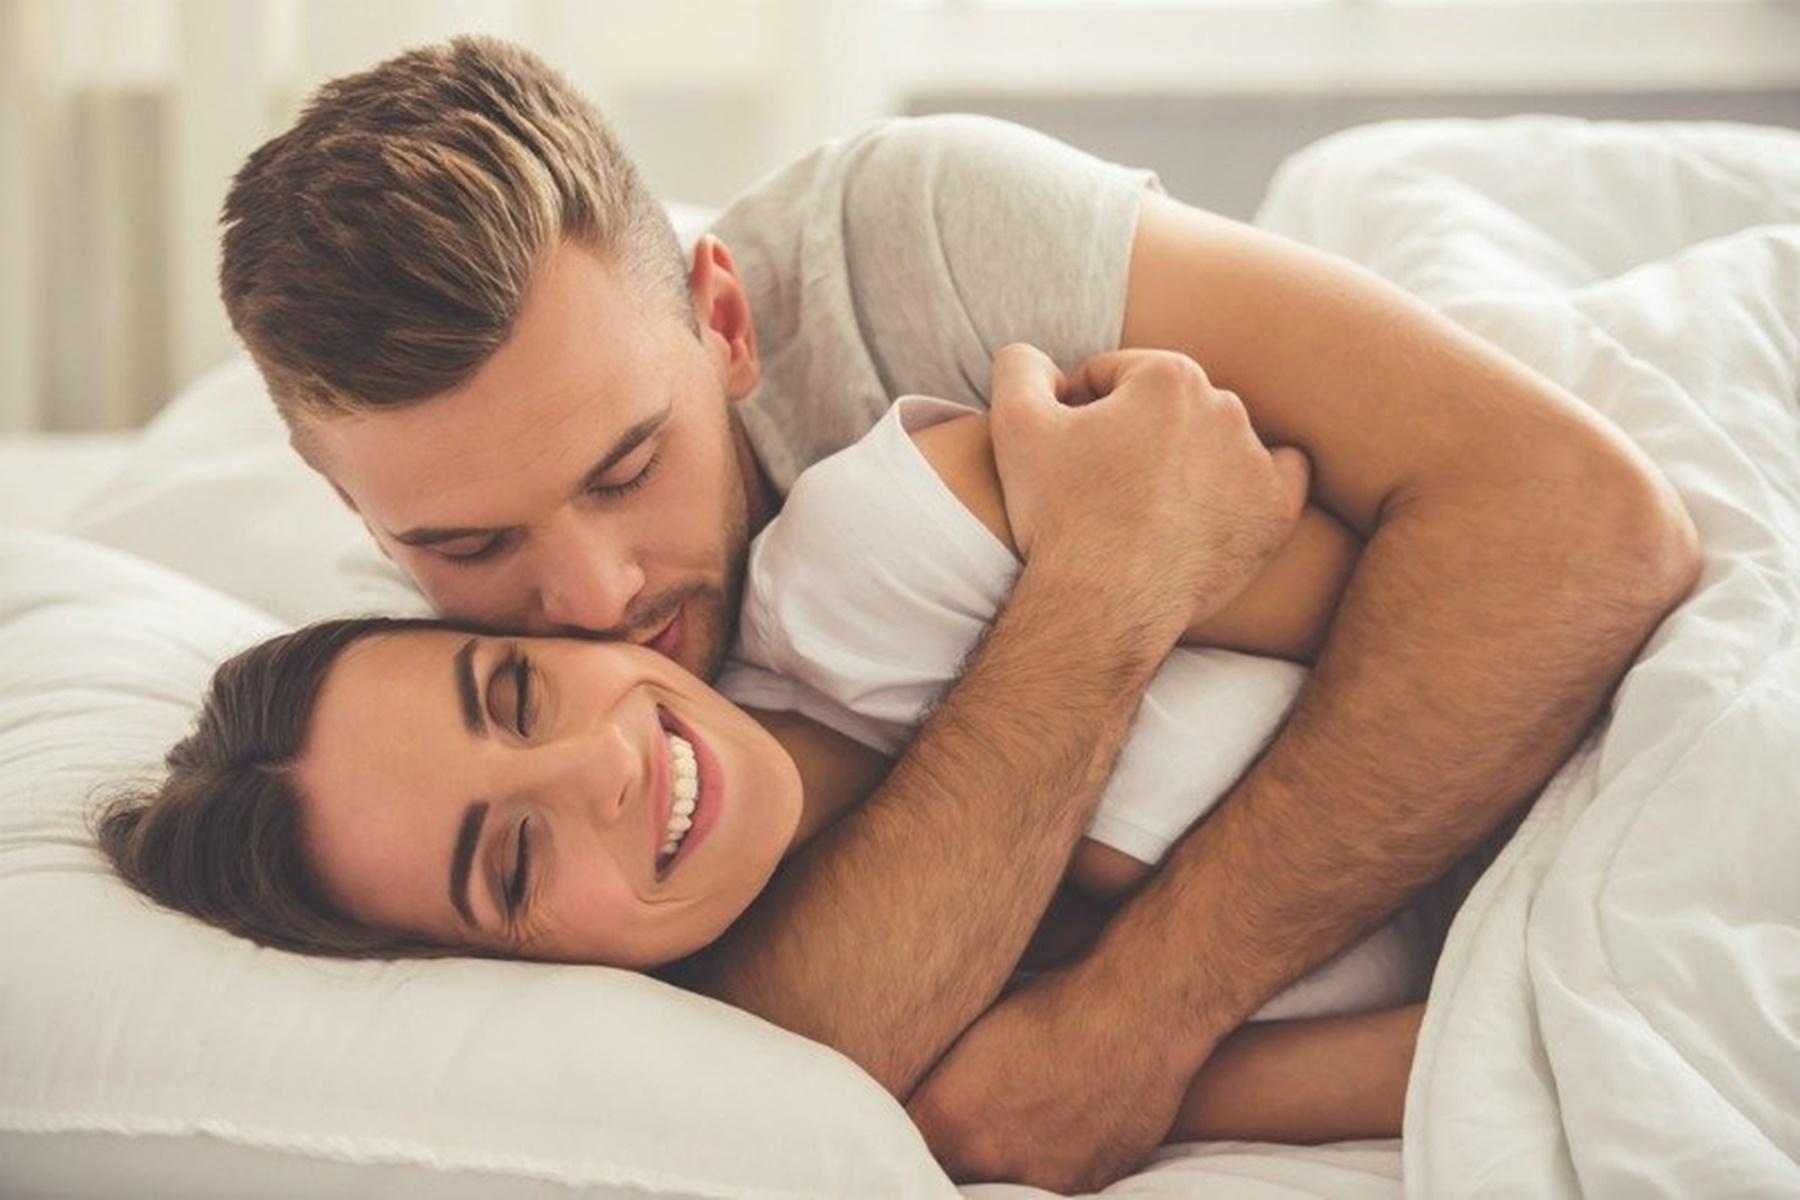 Σεξουαλική ζωή: Καλύτεροι οι άνδρες ή  οι γυναίκες